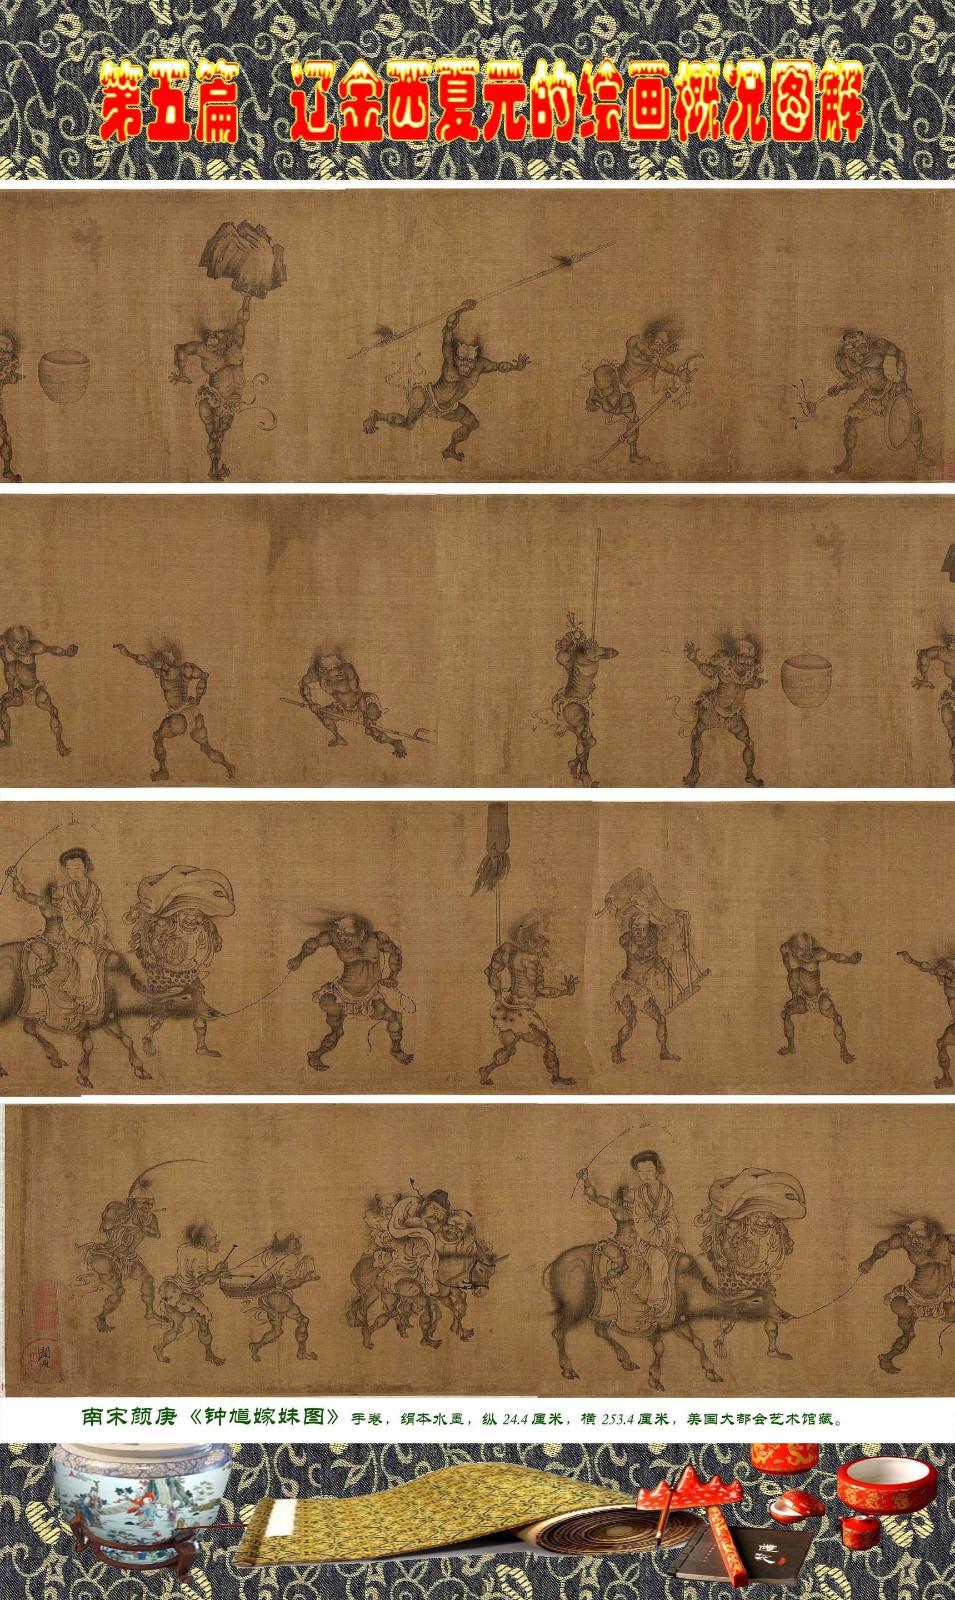 顾绍骅编辑 中国画知识普及版 第五篇 辽金西夏元的绘画概况 下 ... ..._图1-32